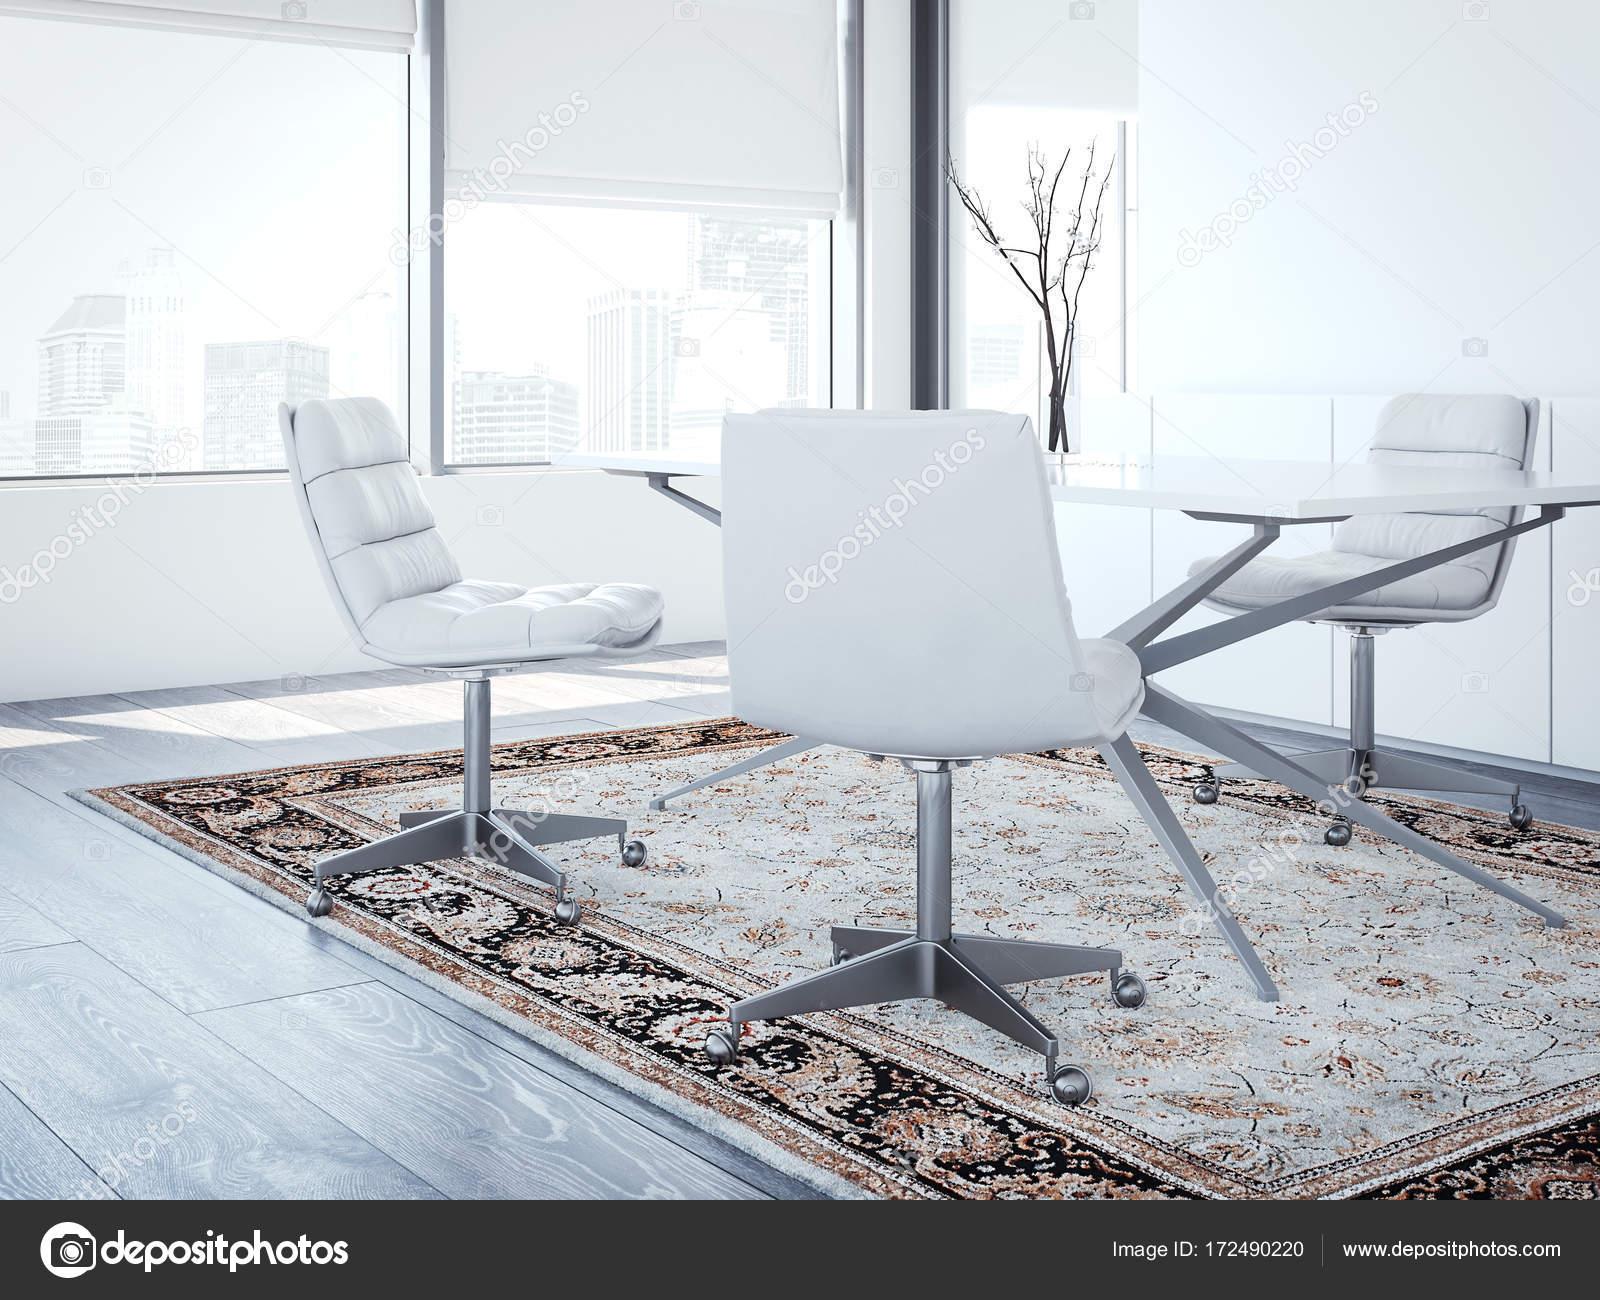 Moderni capi ufficio con sedie bianche rendering d u foto stock